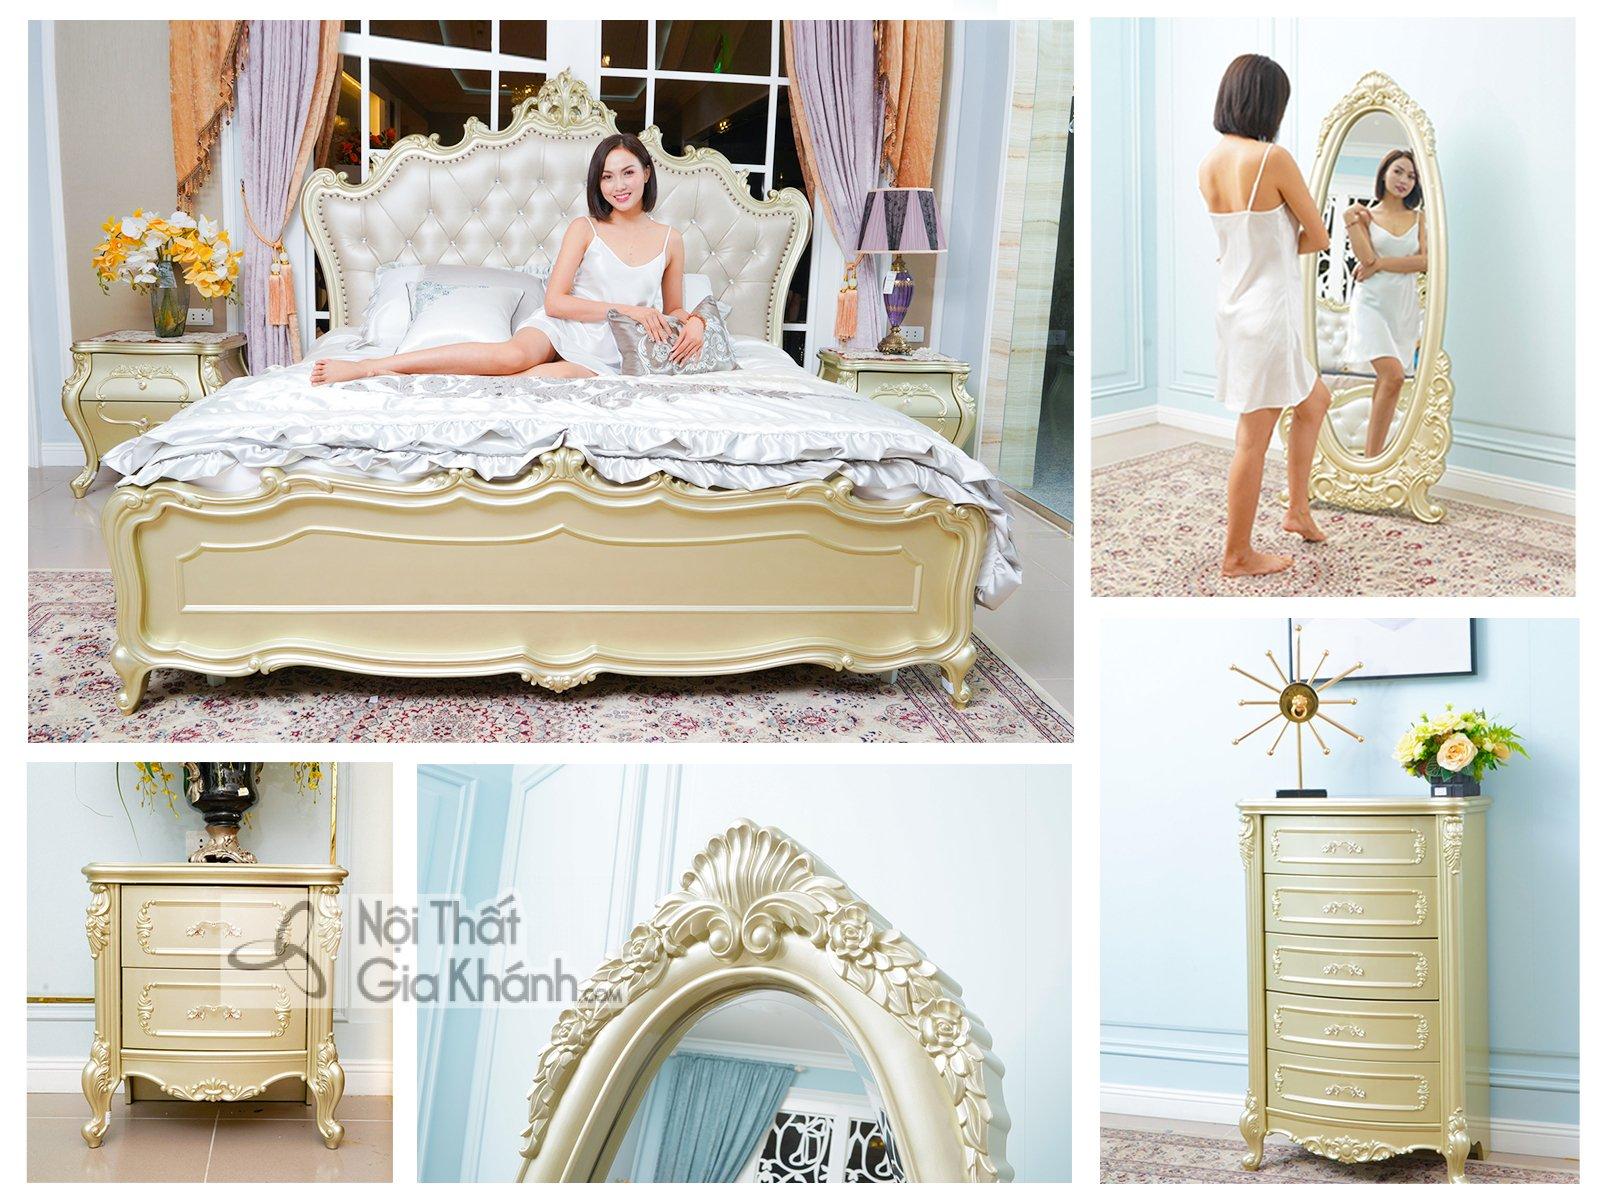 Bộ phòng ngủ phong cách hoàng gia GK88BG-06 - bo phong ngu phong cach hoang gia gk88bg 06 1